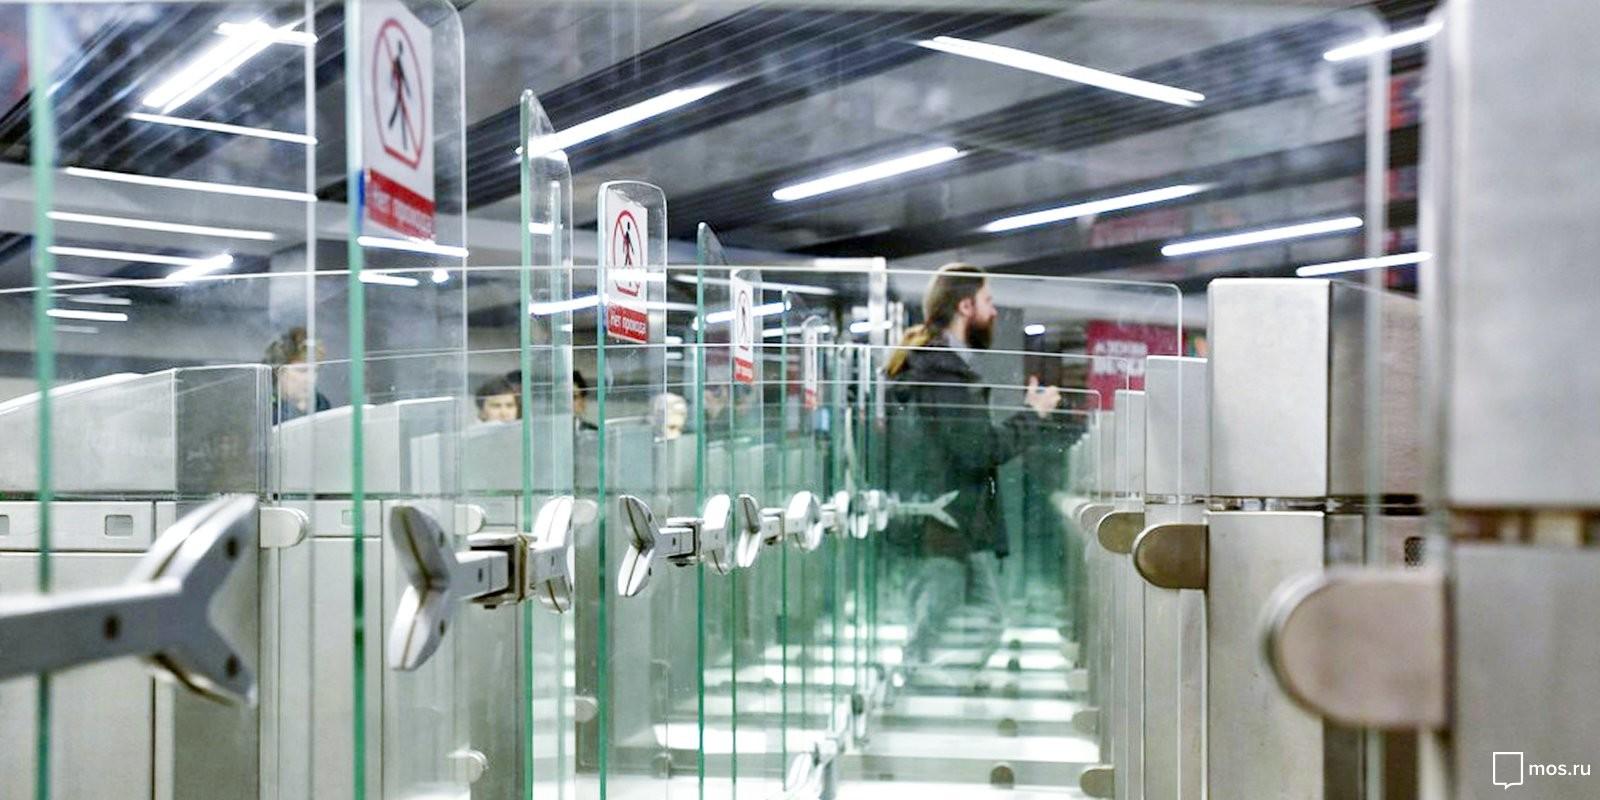 Северный вестибюль станции «Каховская» закрыт наремонт до3августа